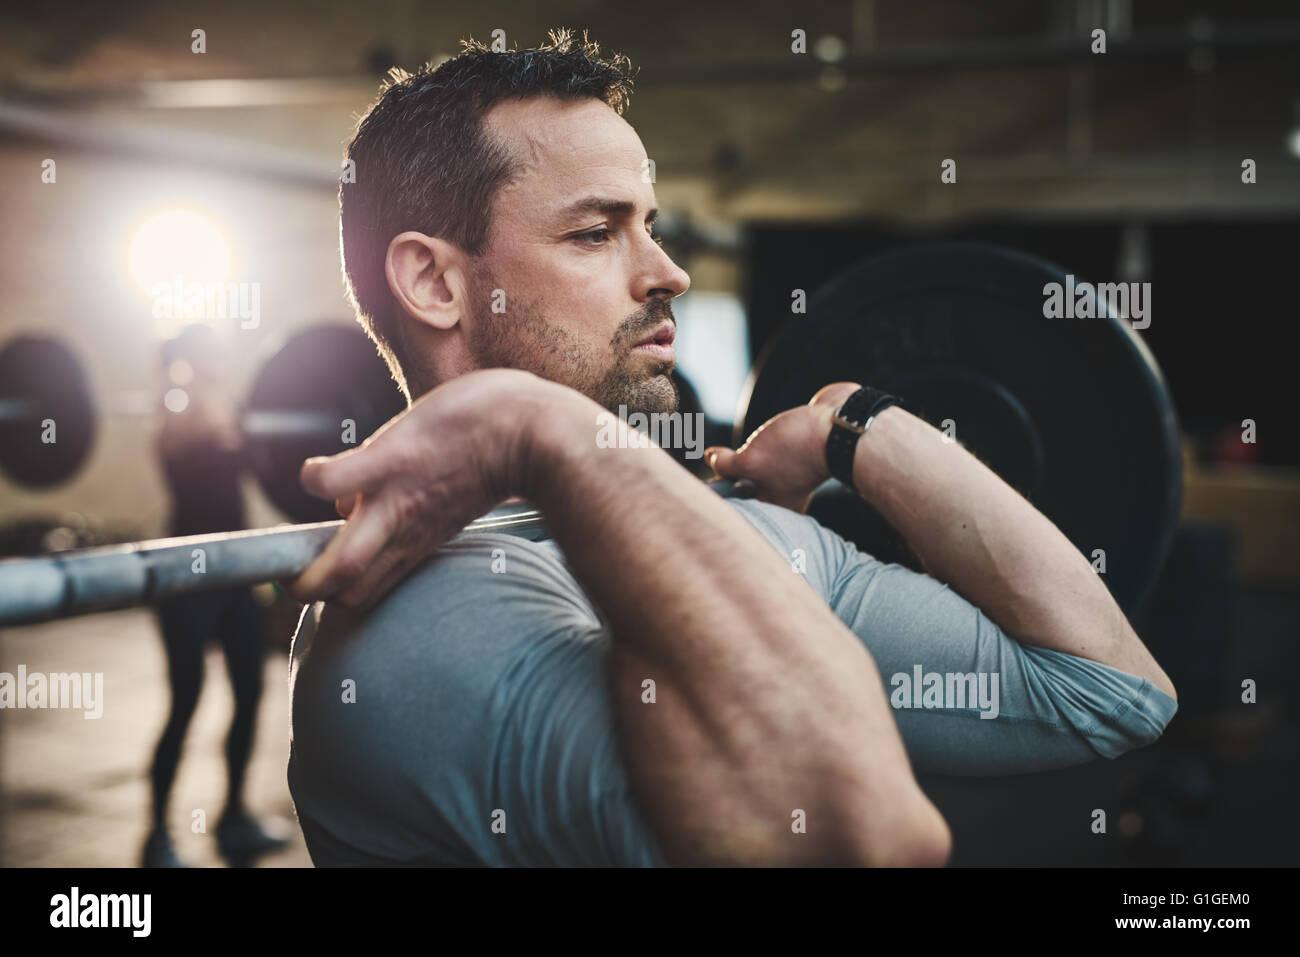 Passen Sie jungen Mann Aufhebung Hanteln suchen konzentriert, trainieren Sie im Fitnessraum mit anderen Menschen Stockfoto